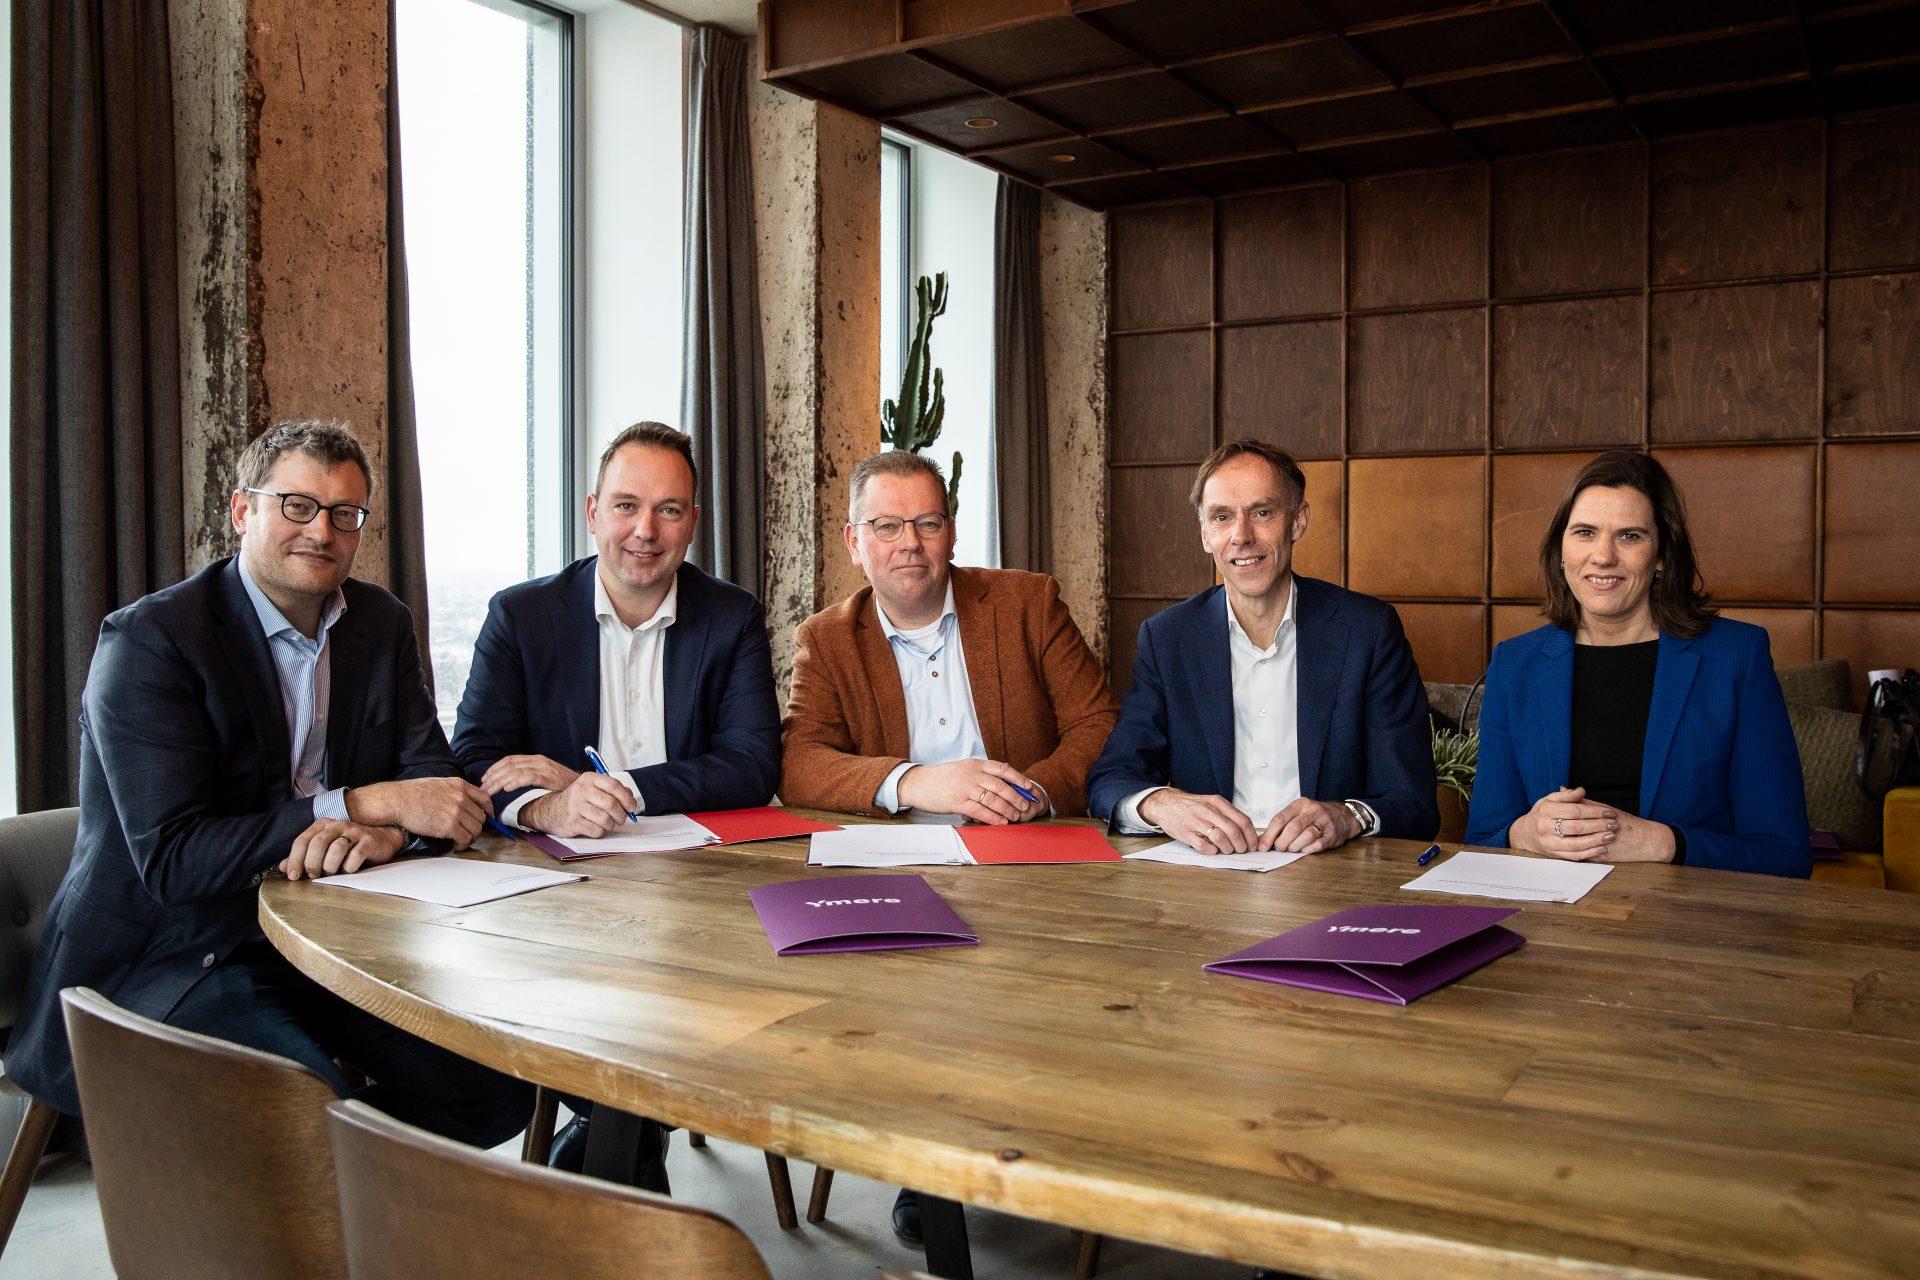 Ymere verlengt co-makershipcontract met Thunnissen met 5 jaar